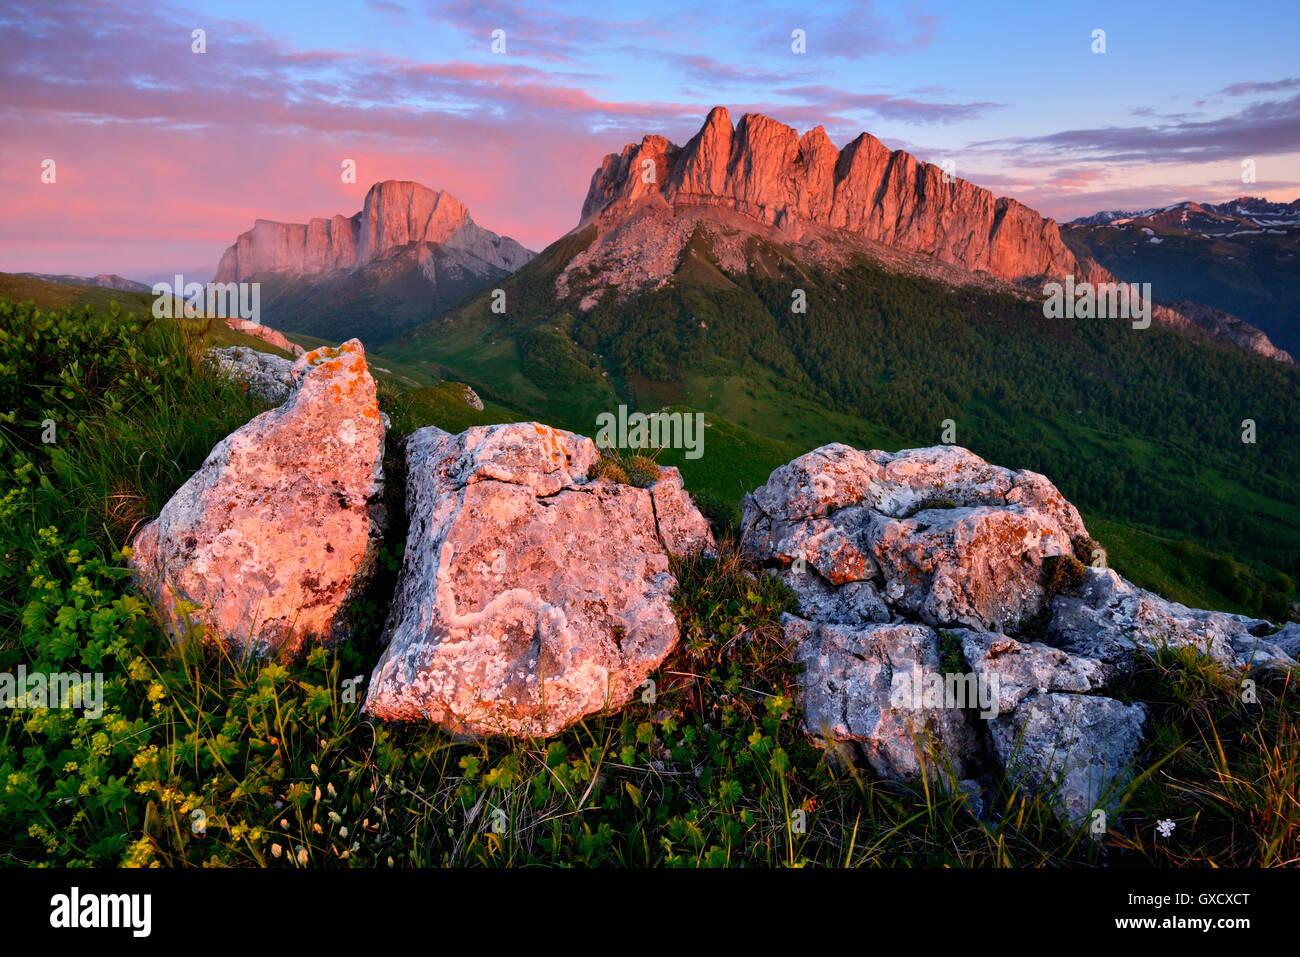 Anochecer sobre Acheshboki con montañas al fondo, Thach Bolshoi, Parque de la naturaleza de las montañas Imagen De Stock